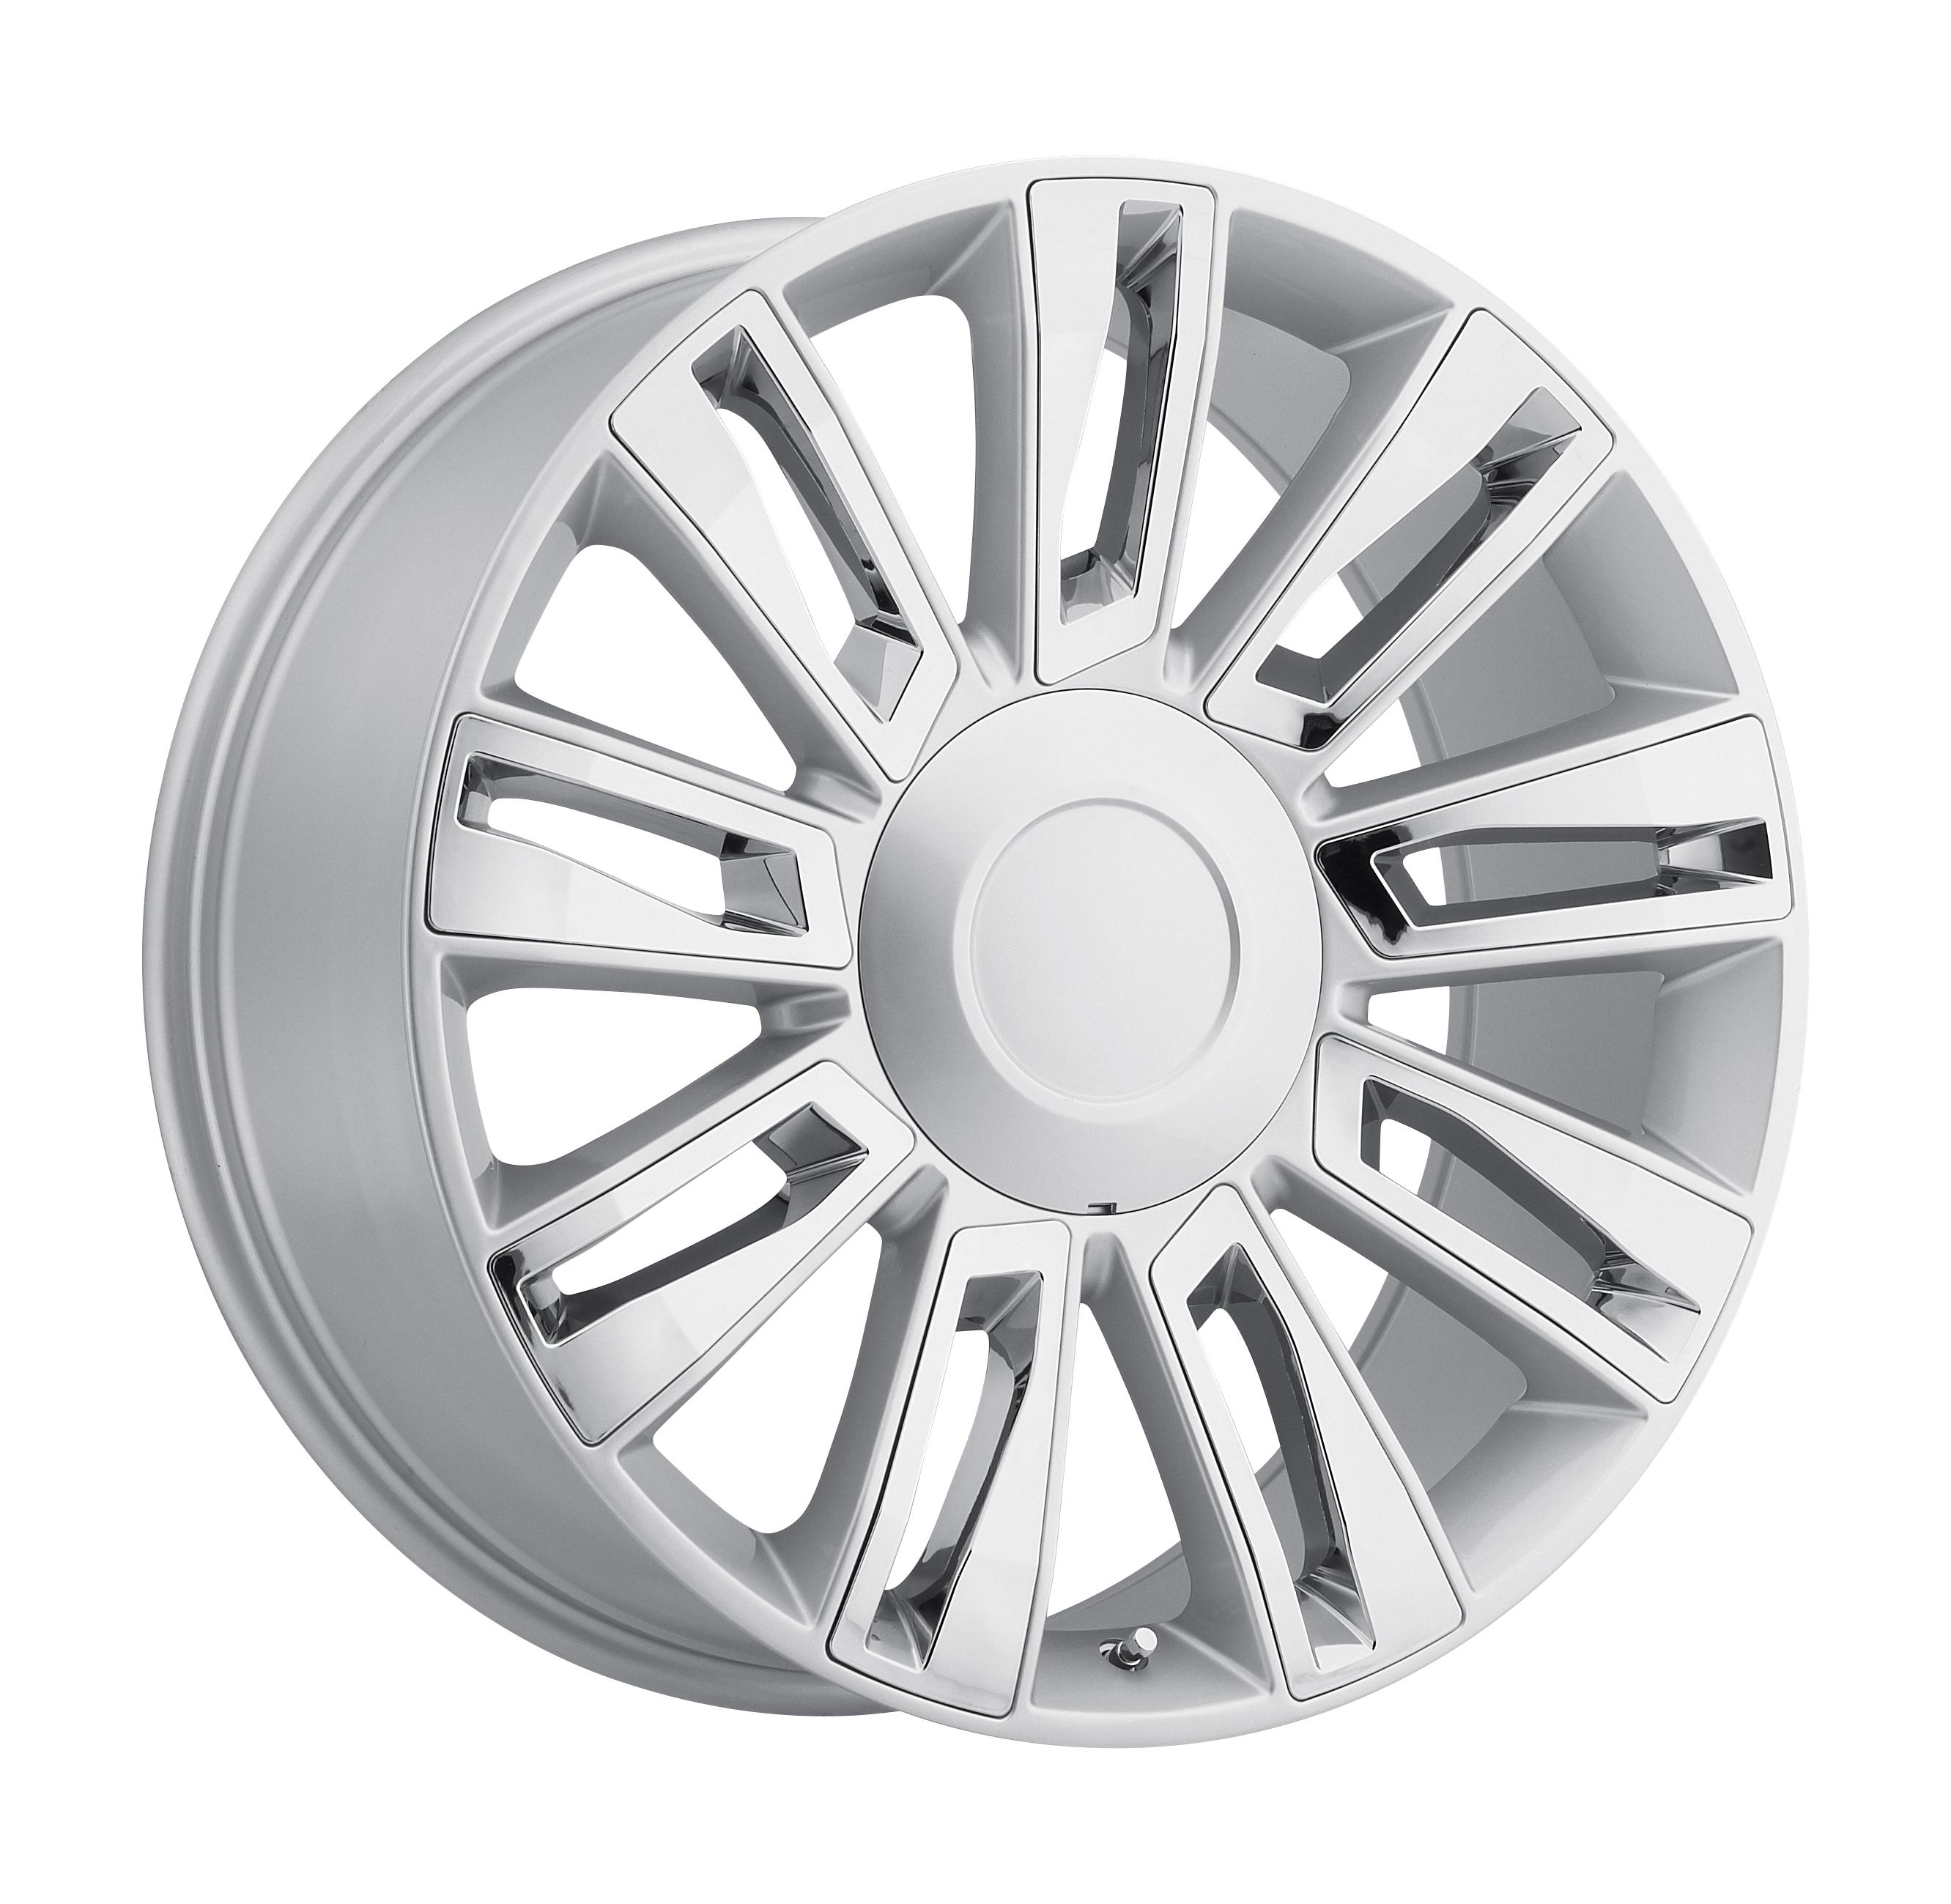 2015 Cadillac Escalade Option 3 Silver w/ Chrome Inserts Replicas